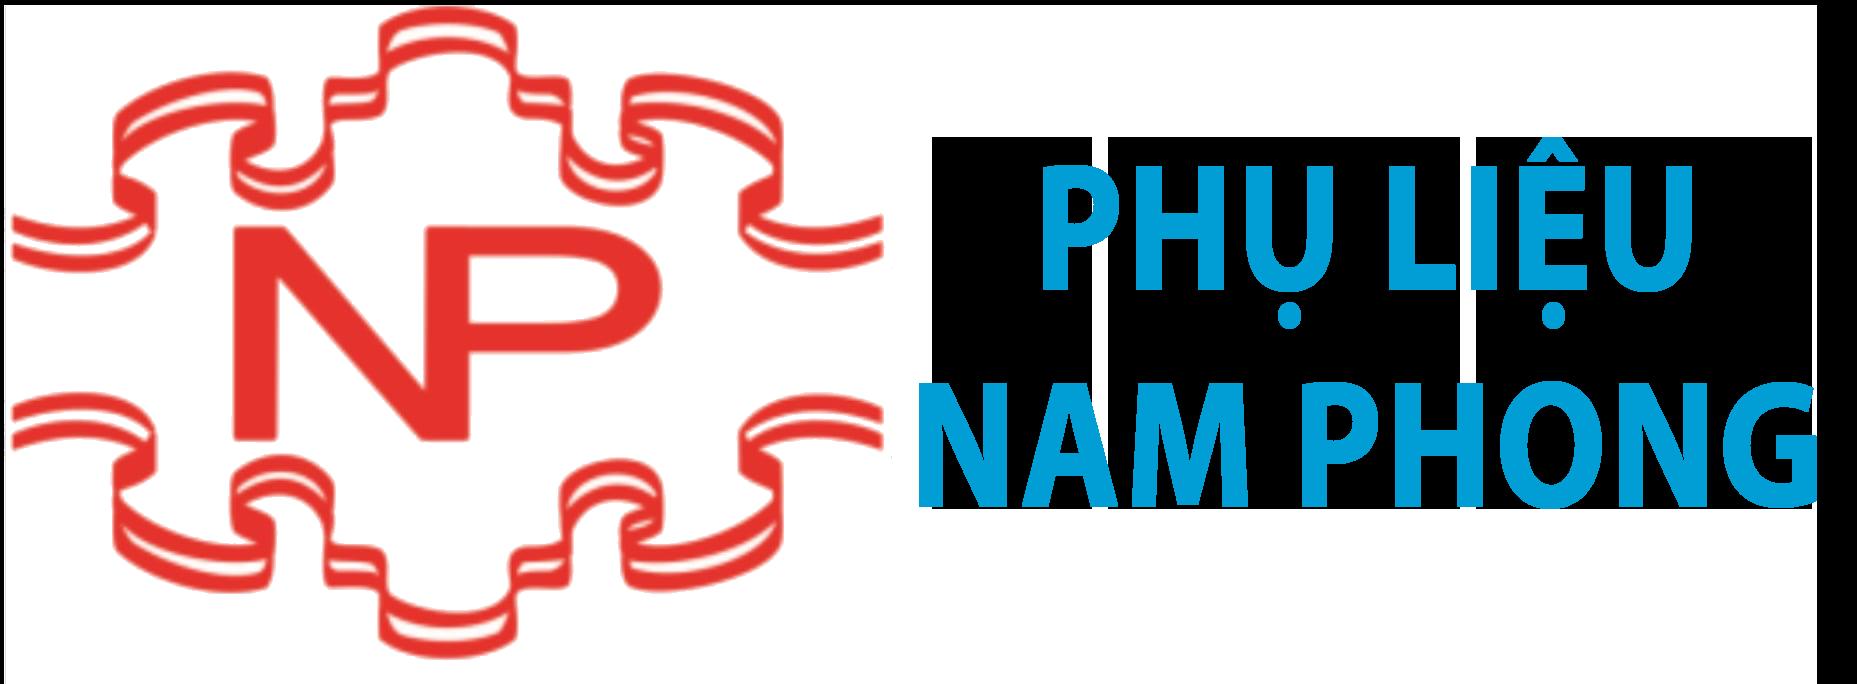 Nam Phong – Phụ liệu dệt may